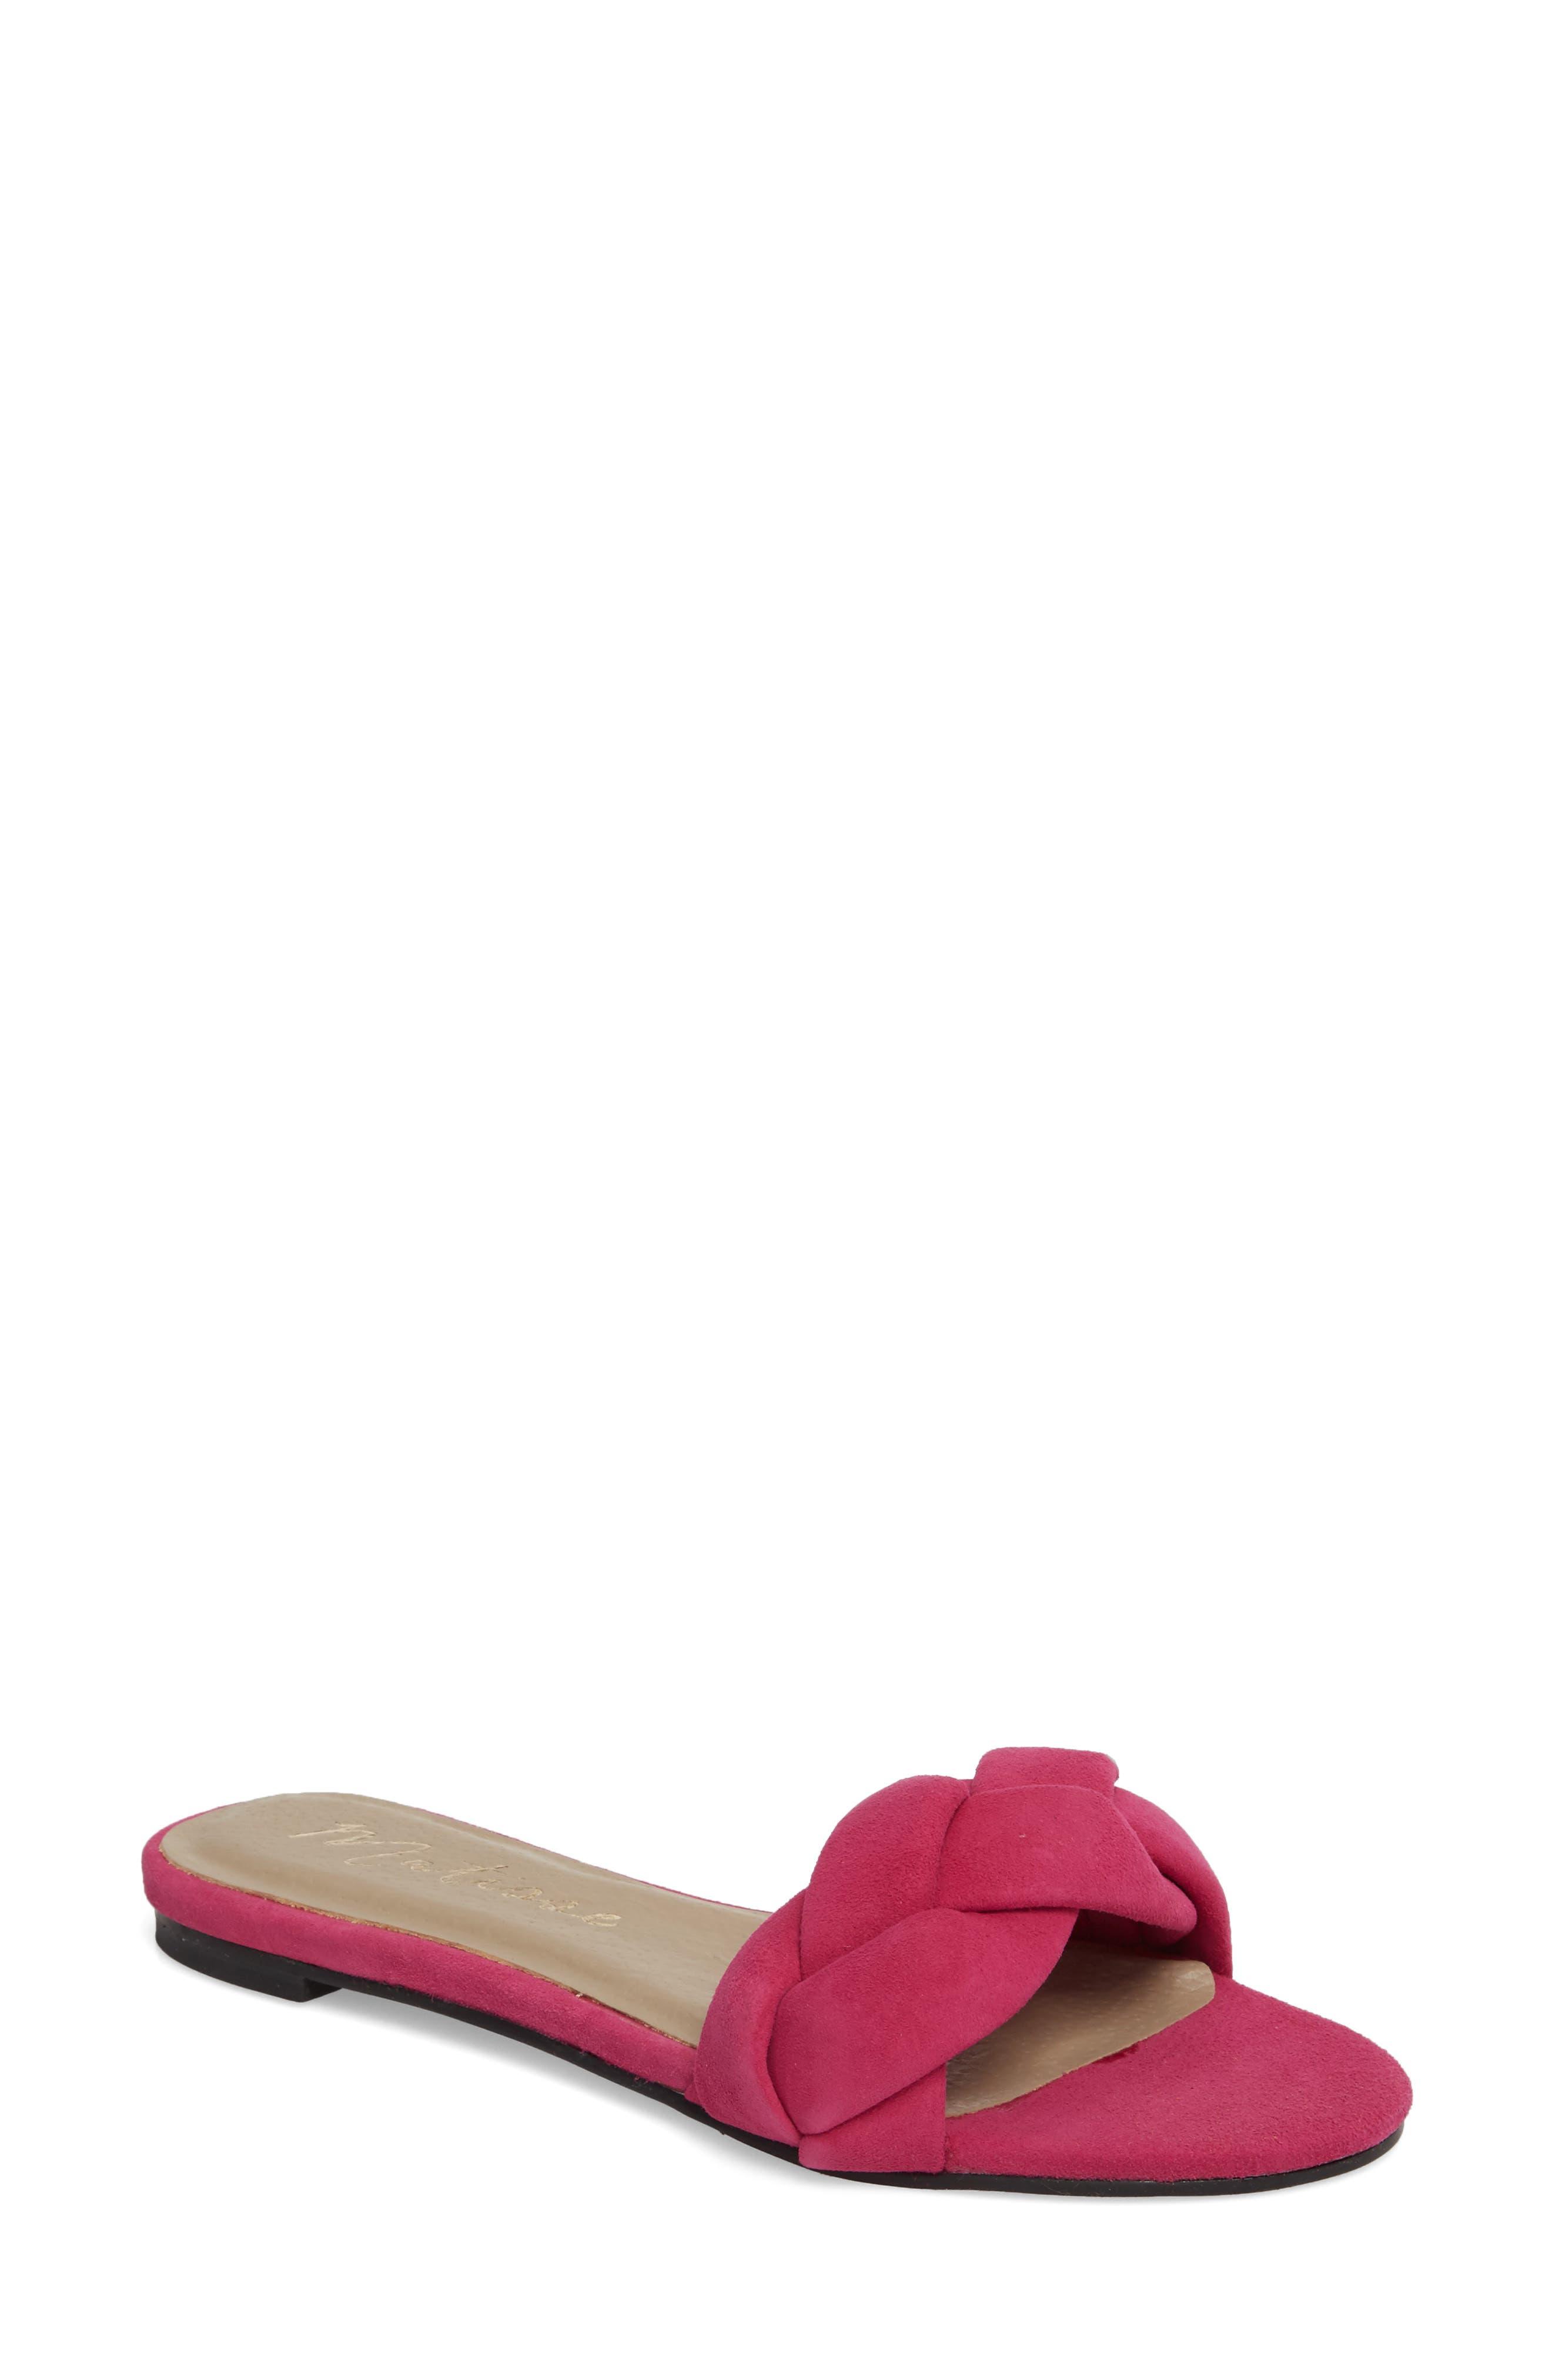 Matisse Georgie Slide Sandal, Pink